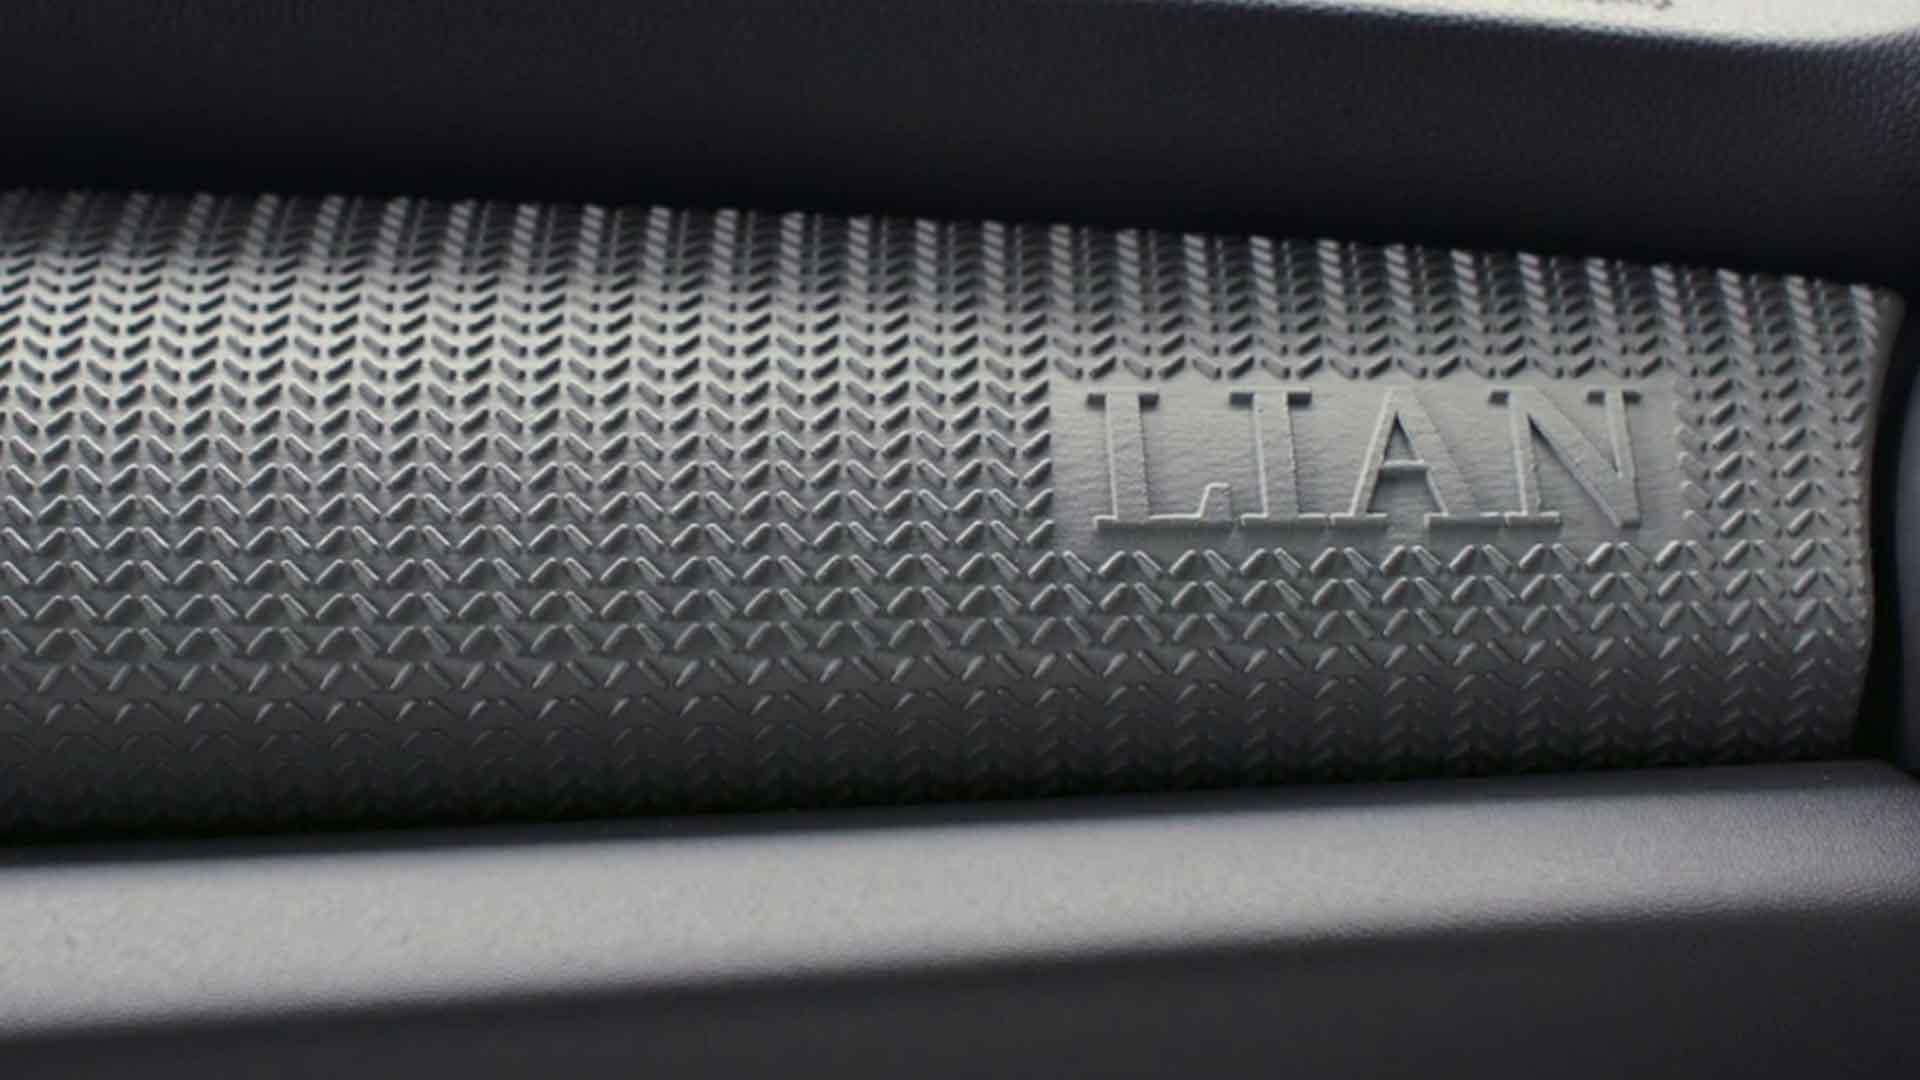 Zu sehen ist ein grauer Part. Dieser gehört zu einem Auto. Auf ihm ist ein Wort graviert. Dieses Wort ist LIAN. Das Bild dient als Sliderbild des Portfolioeintrags BMW Group – 3D Druck/Additive Manufacturing Campus von Panda Pictures.